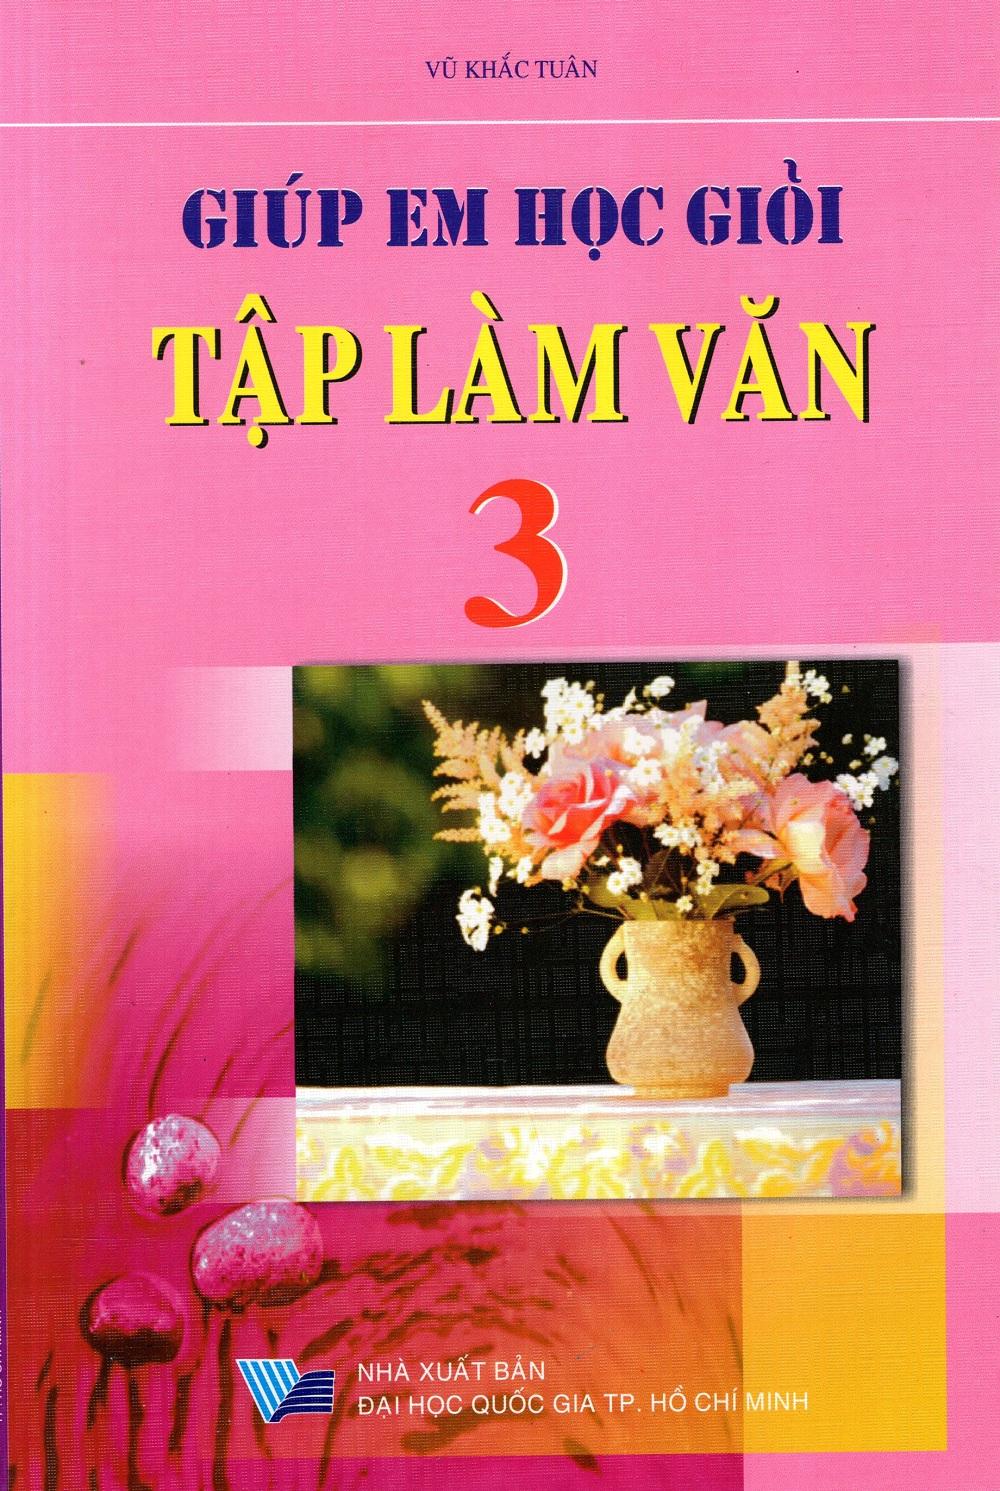 Bìa sách Giúp Em Học Giỏi Tập Làm Văn Lớp 3